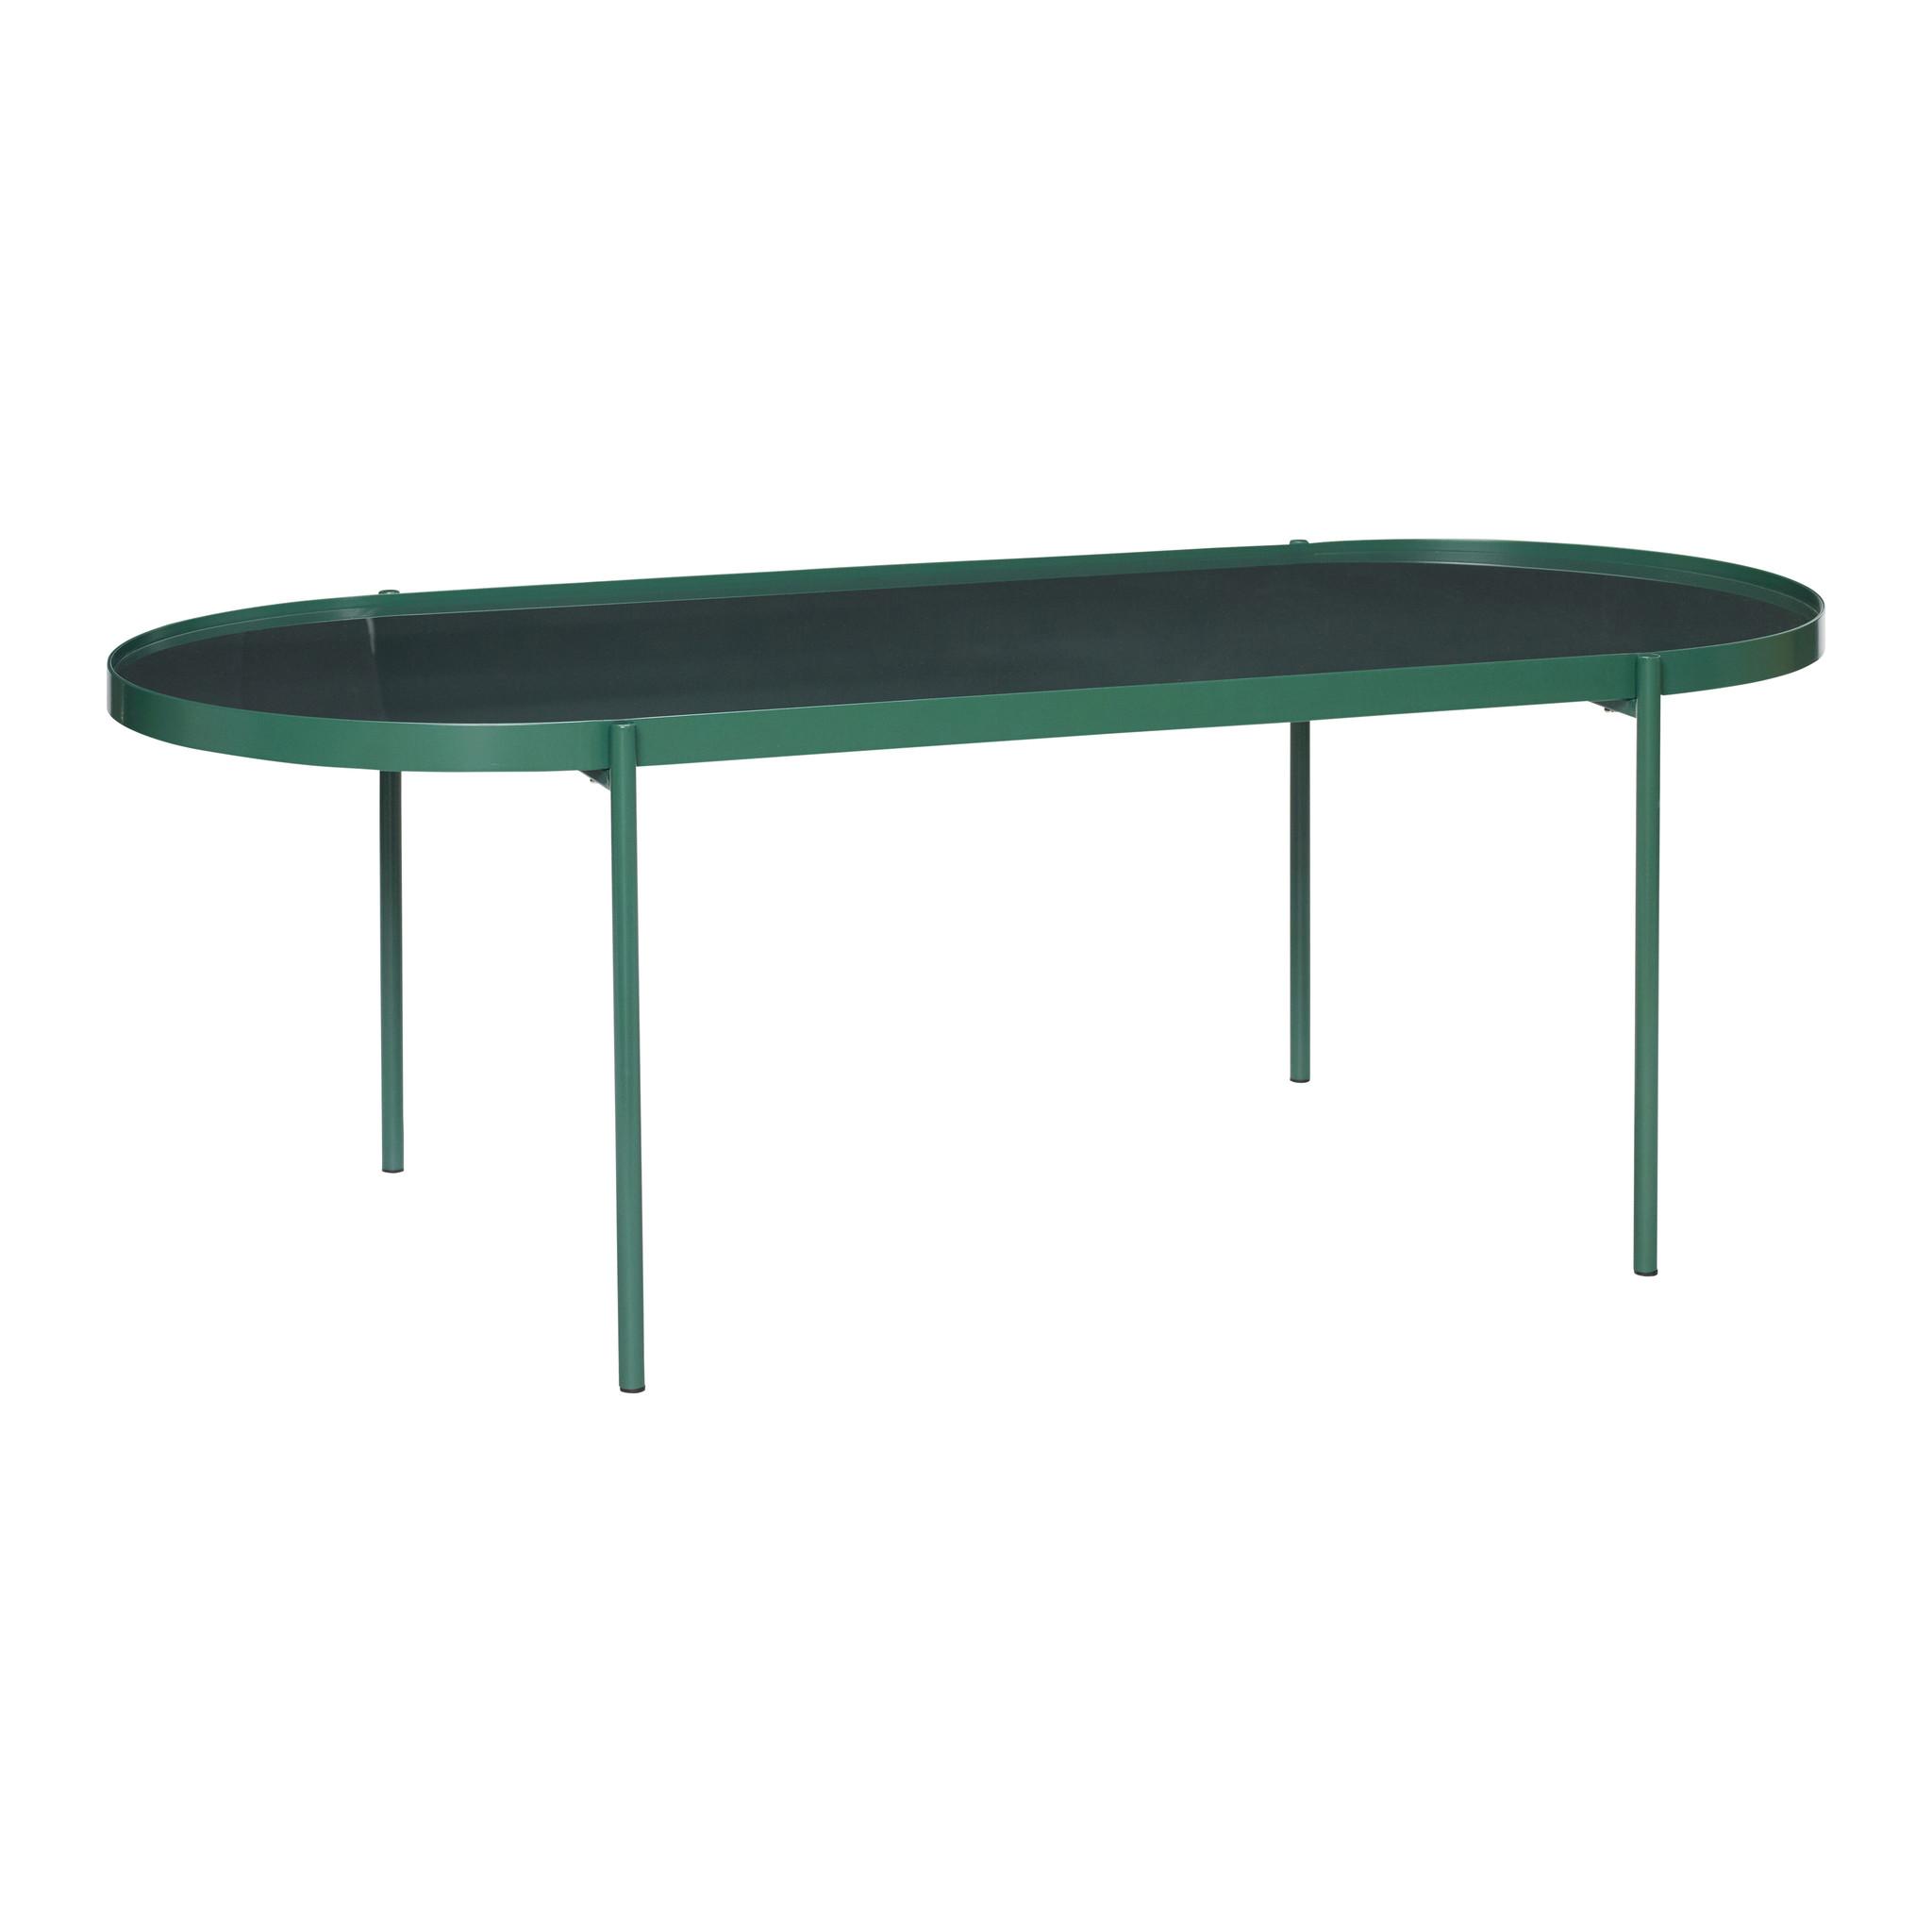 Hubsch Tafel, metaal / glas, groen-930801-5712772060100